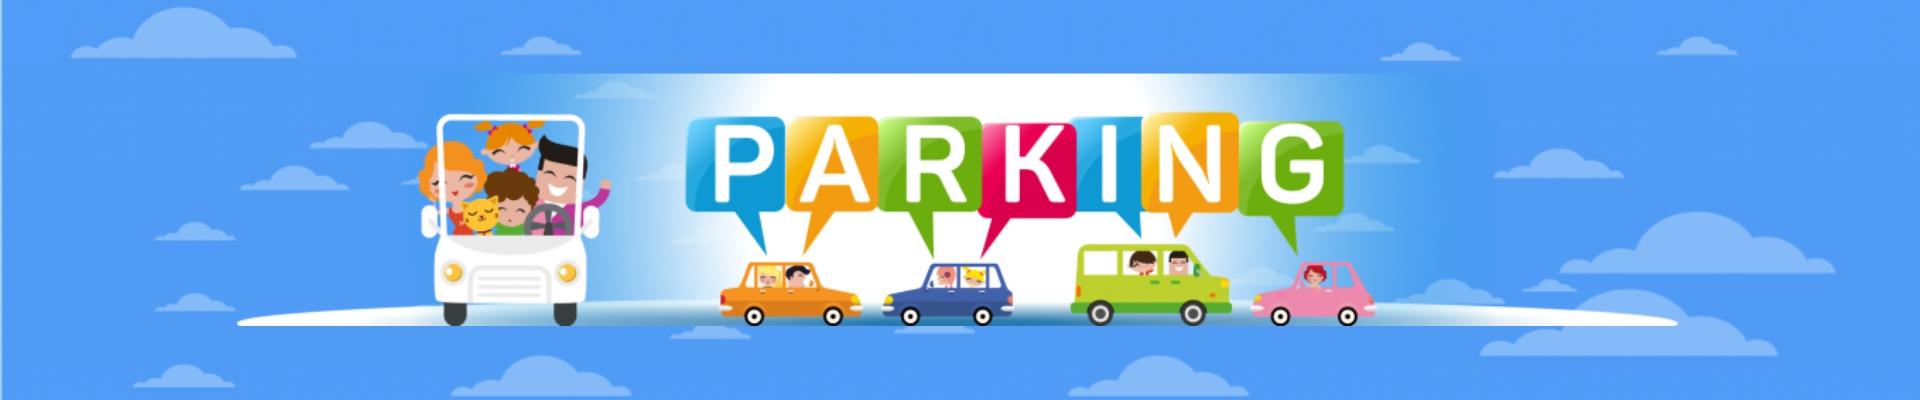 slid_parking